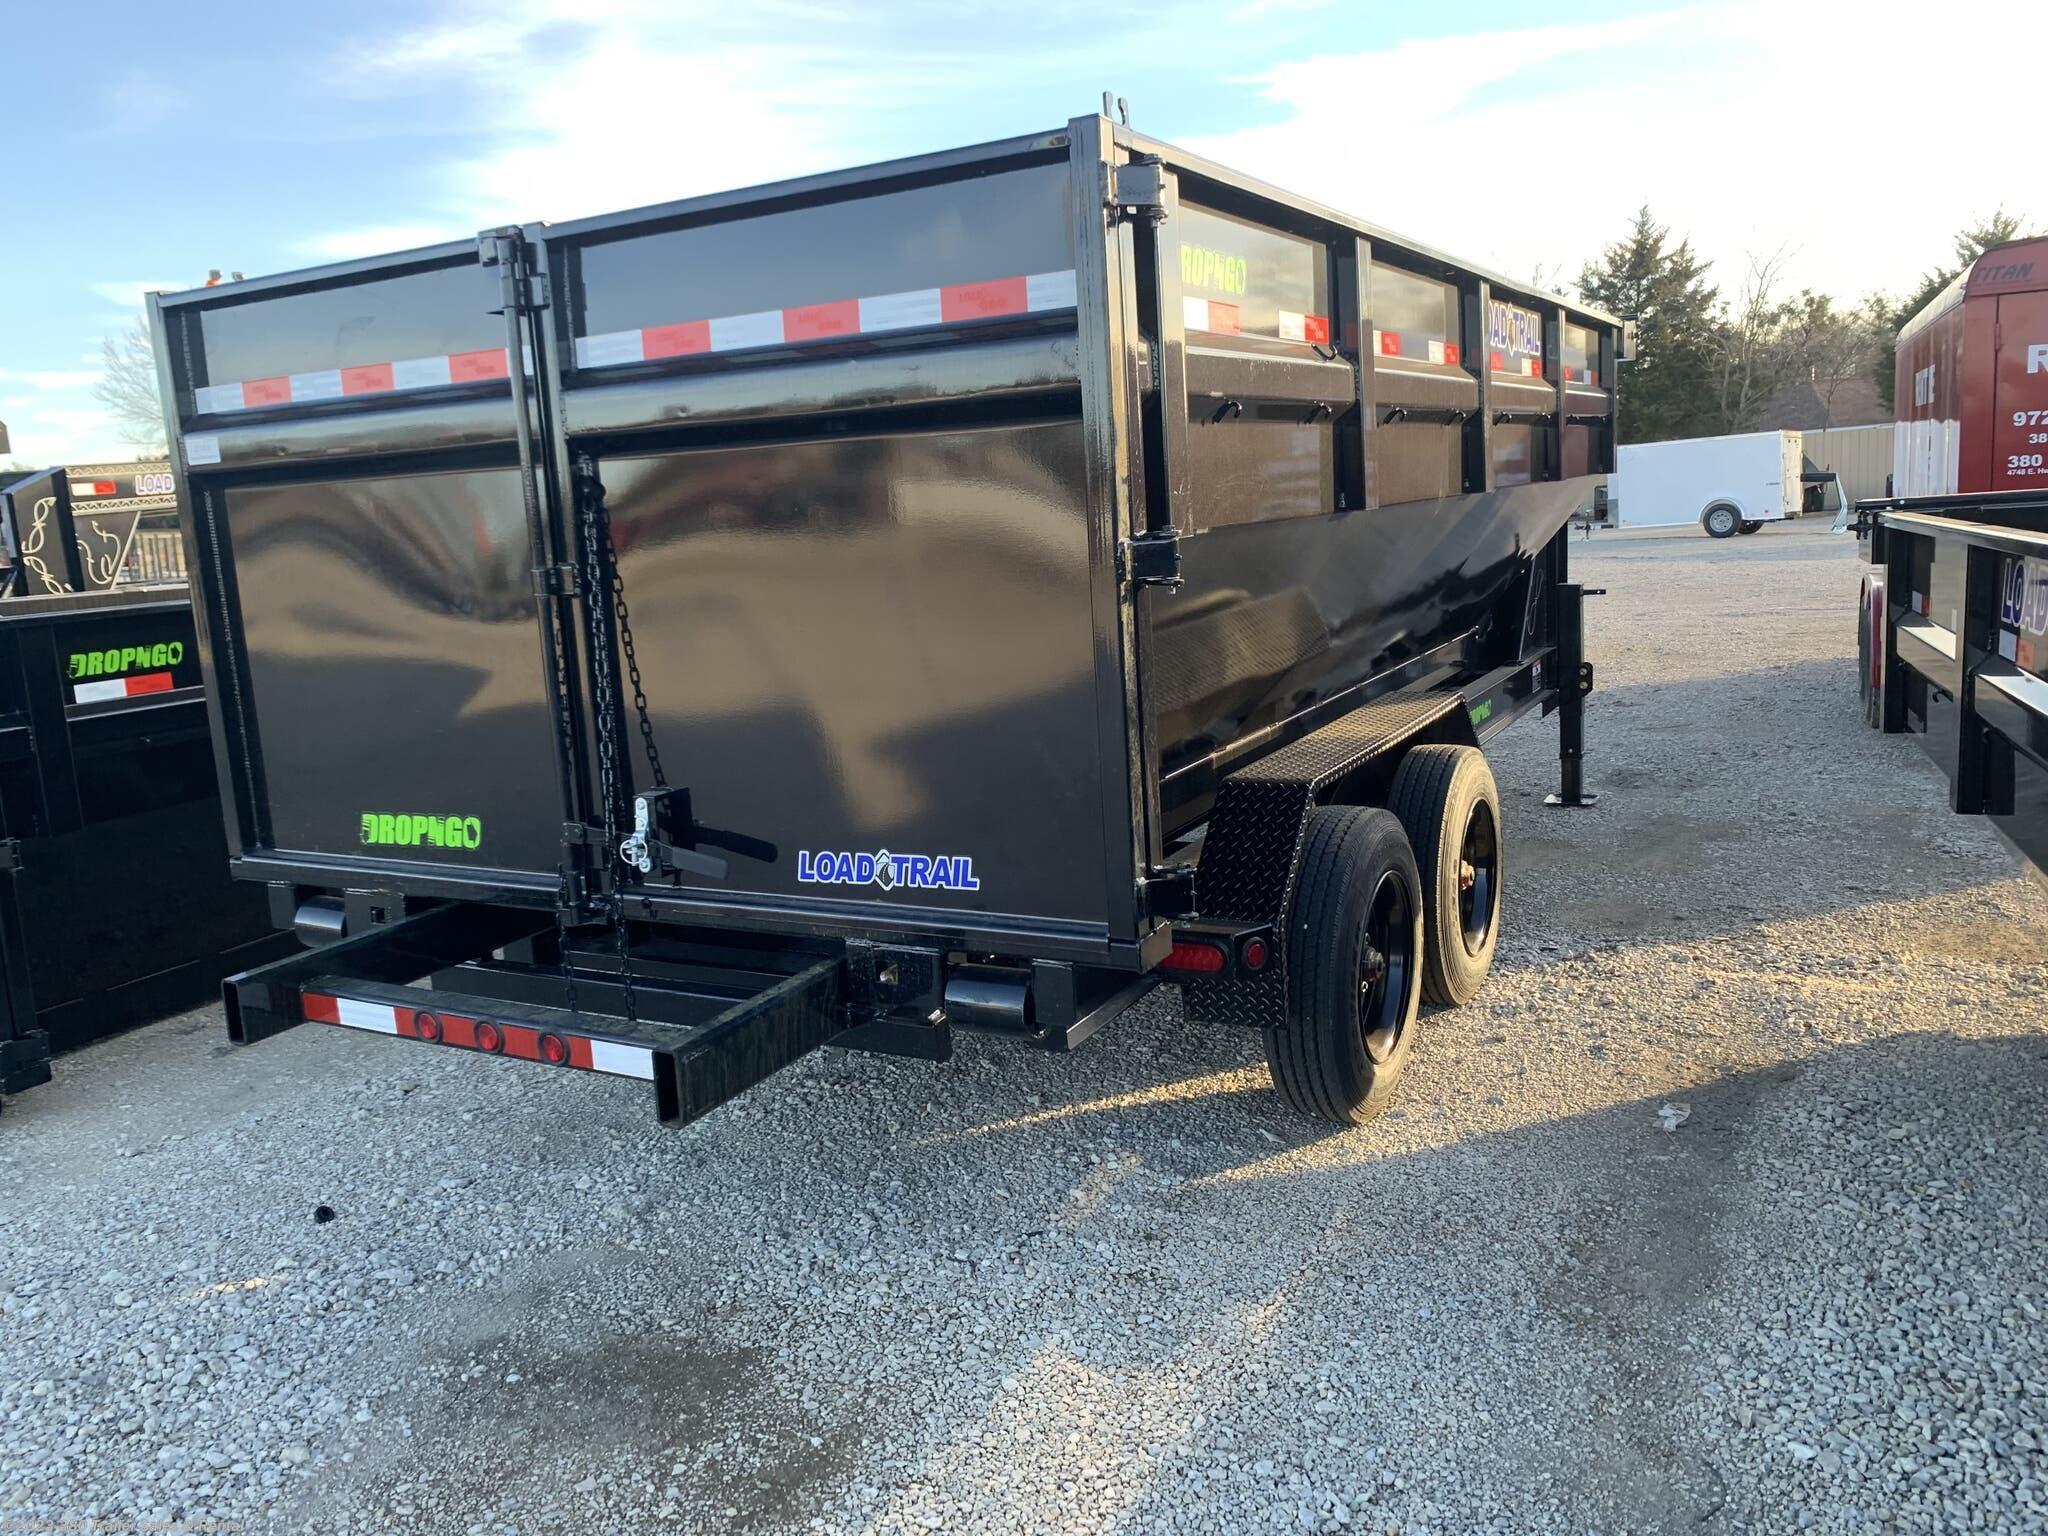 2021 Load Trail dump trailers